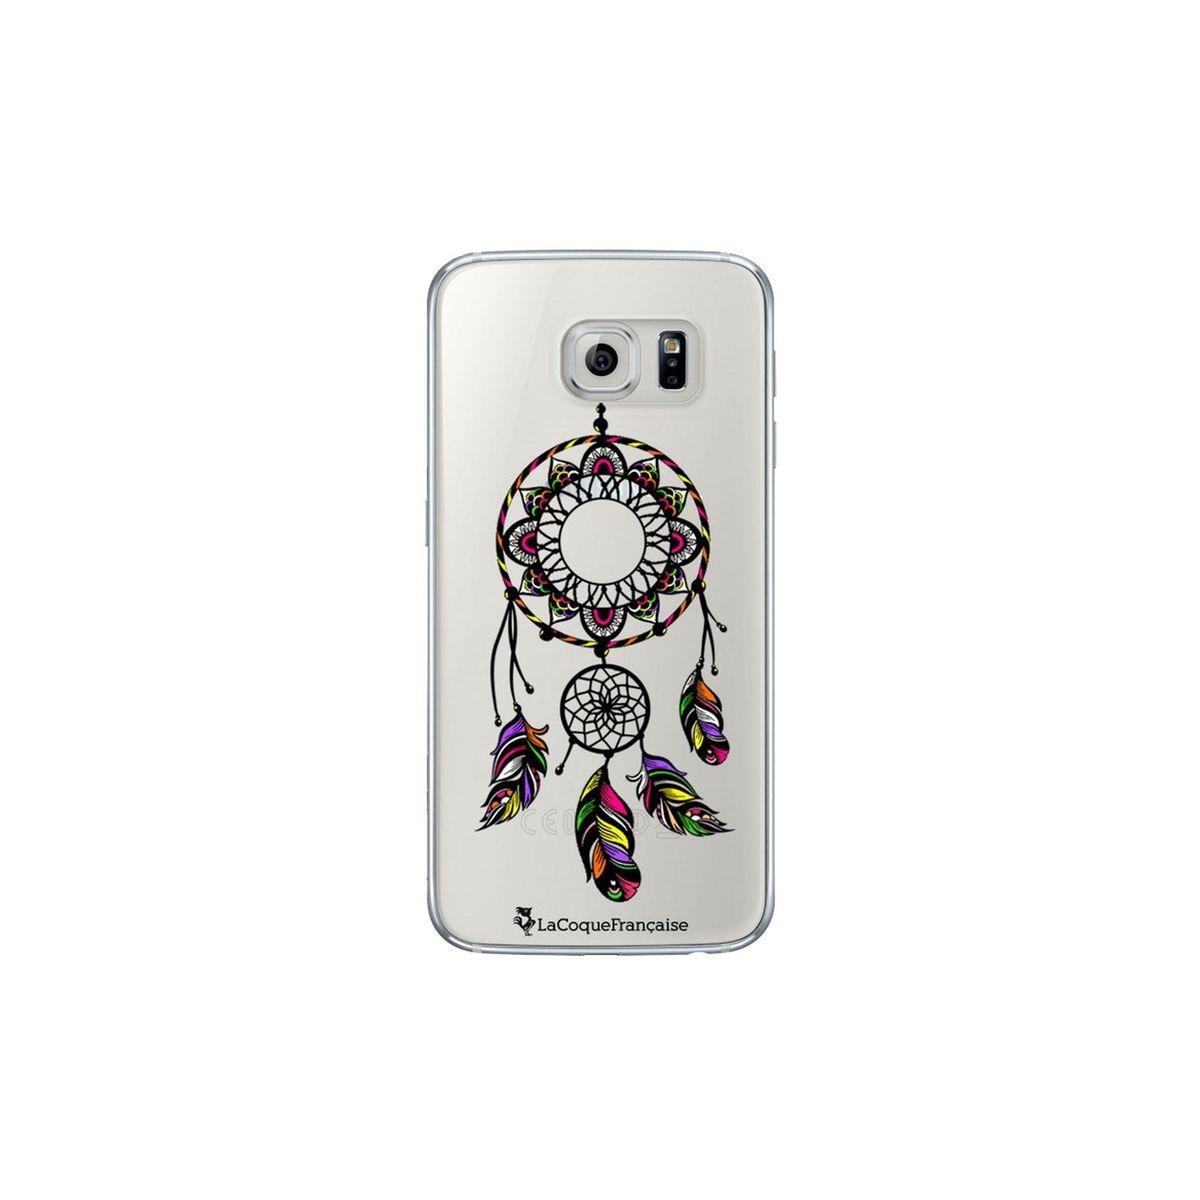 Coque Samsung Galaxy S6 rigide transparente, Rêve Indien, La Coque Francaise®